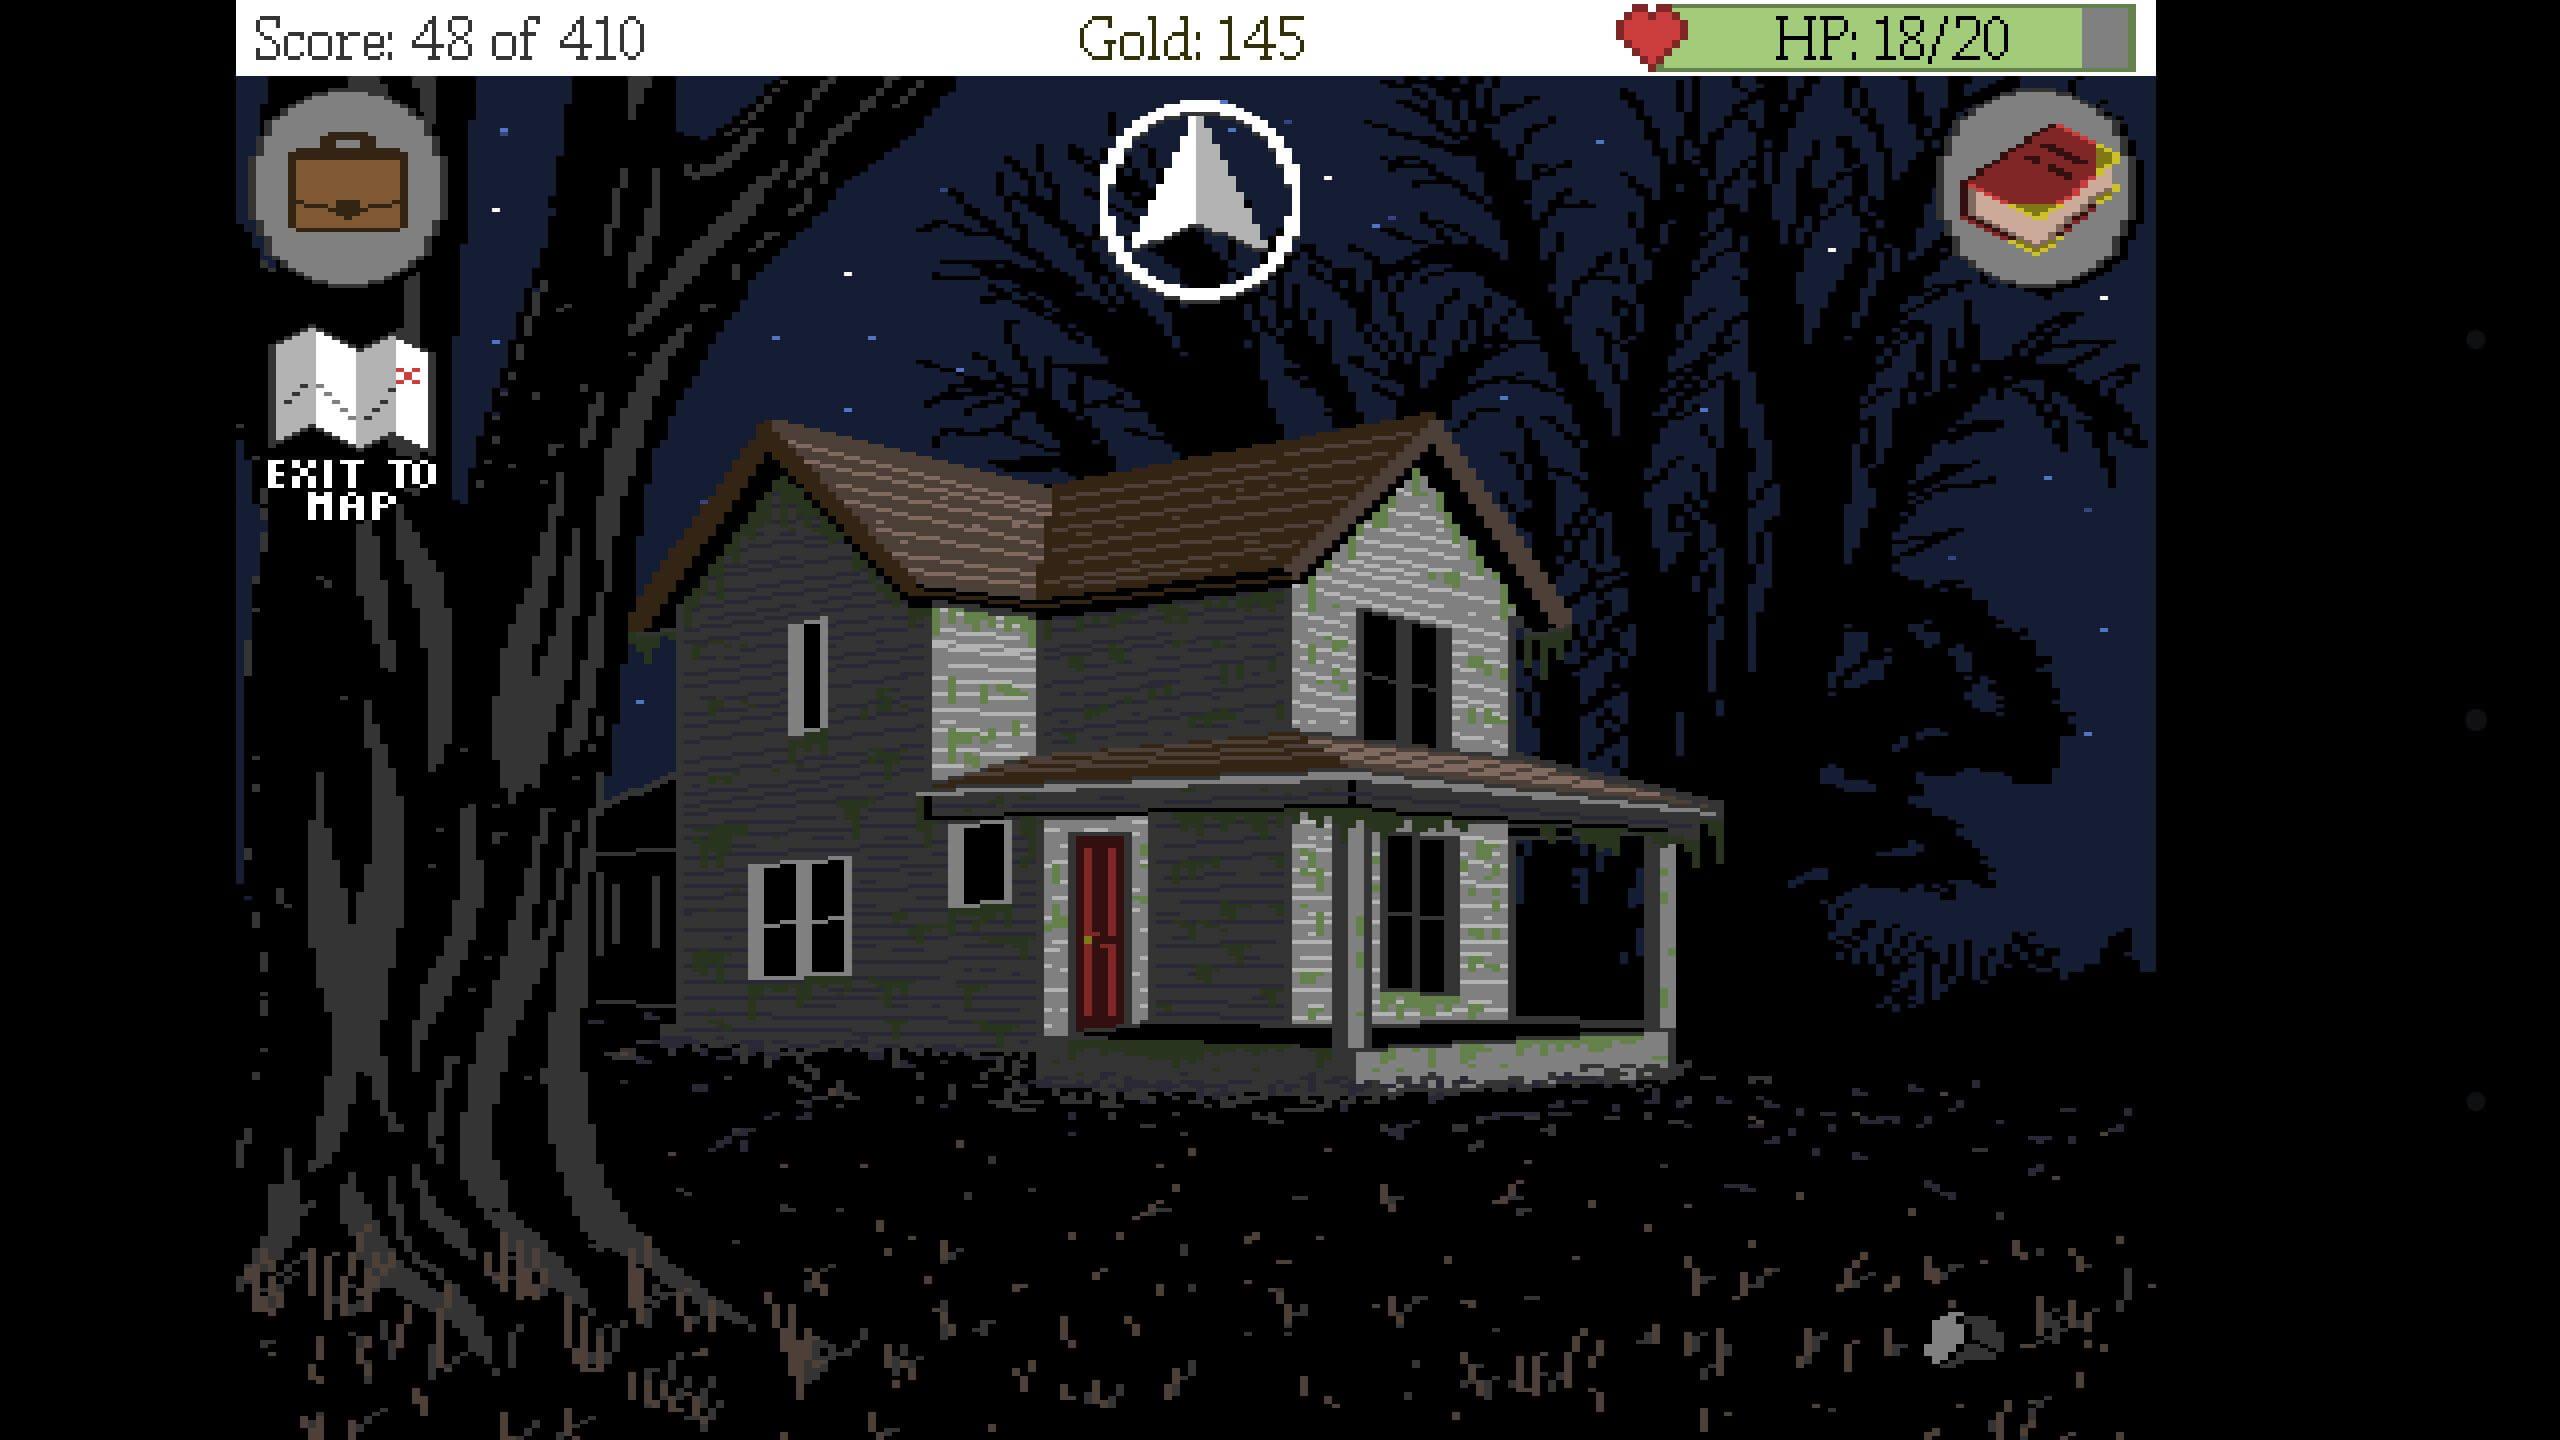 Dark Fear - v tomhle domě hodně straší